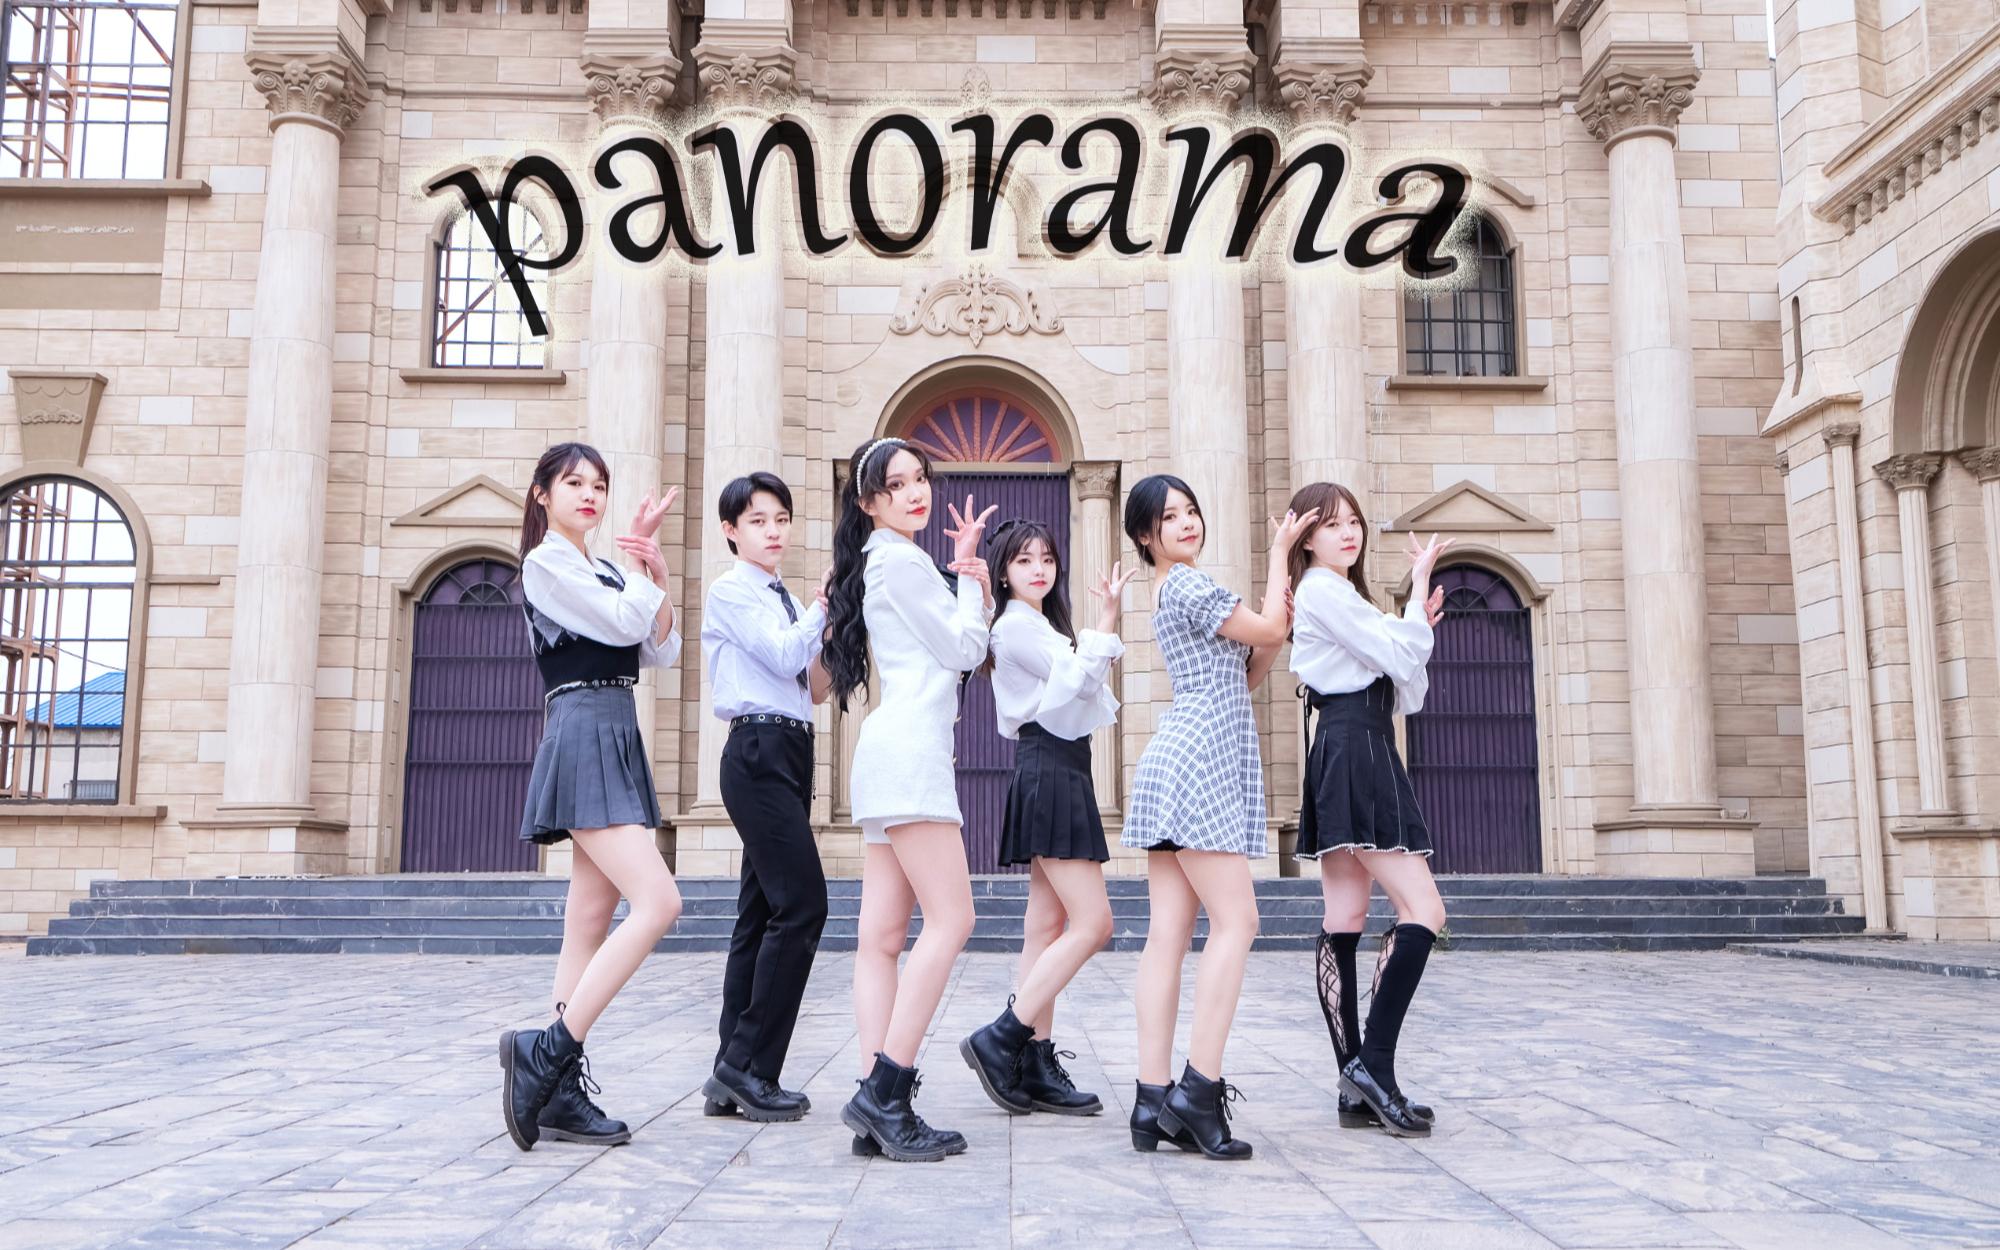 【王甜酒】panorama现在一起展翅高飞吧izone毕业快乐诚意翻跳一键换装